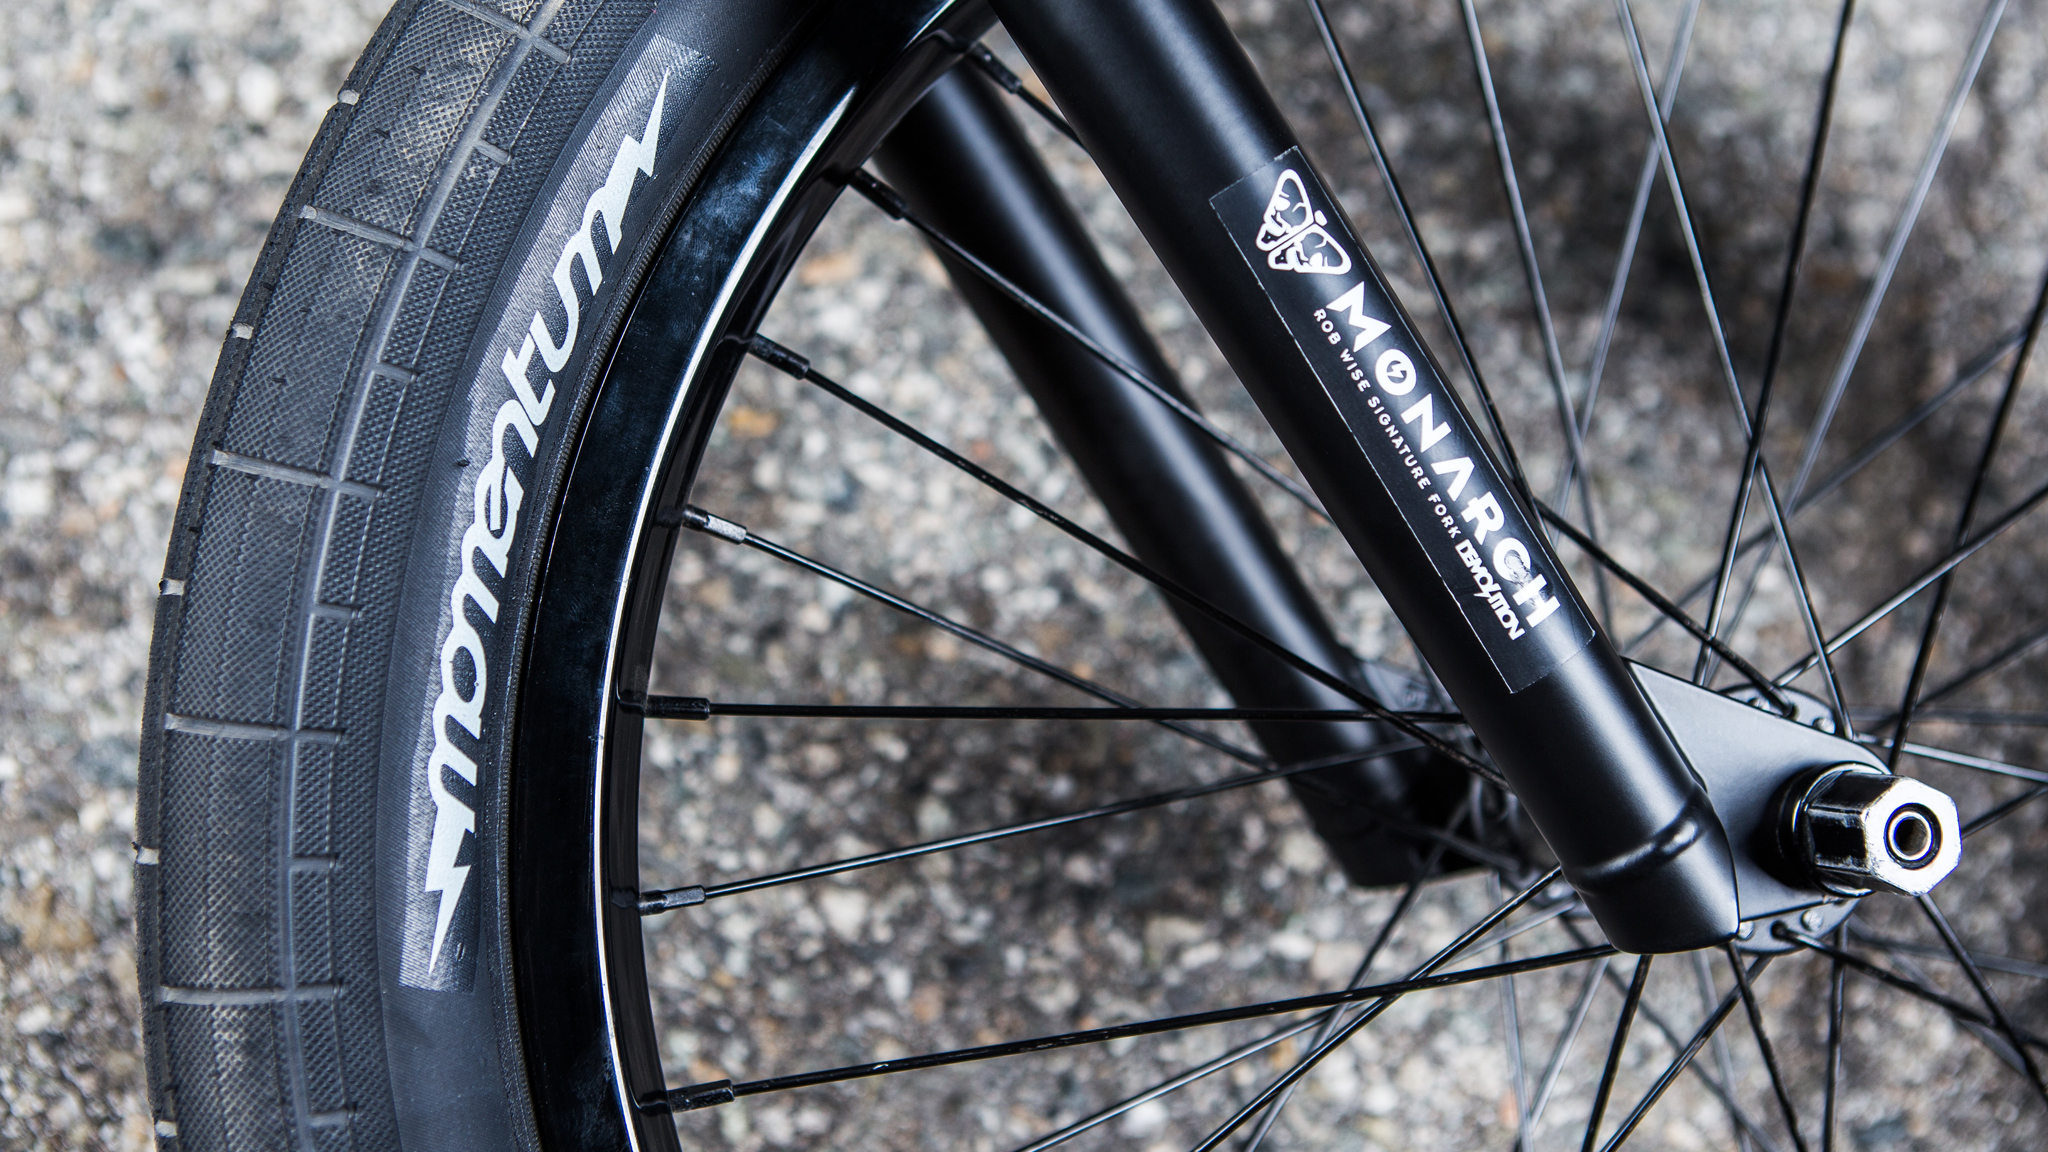 Tires, forks